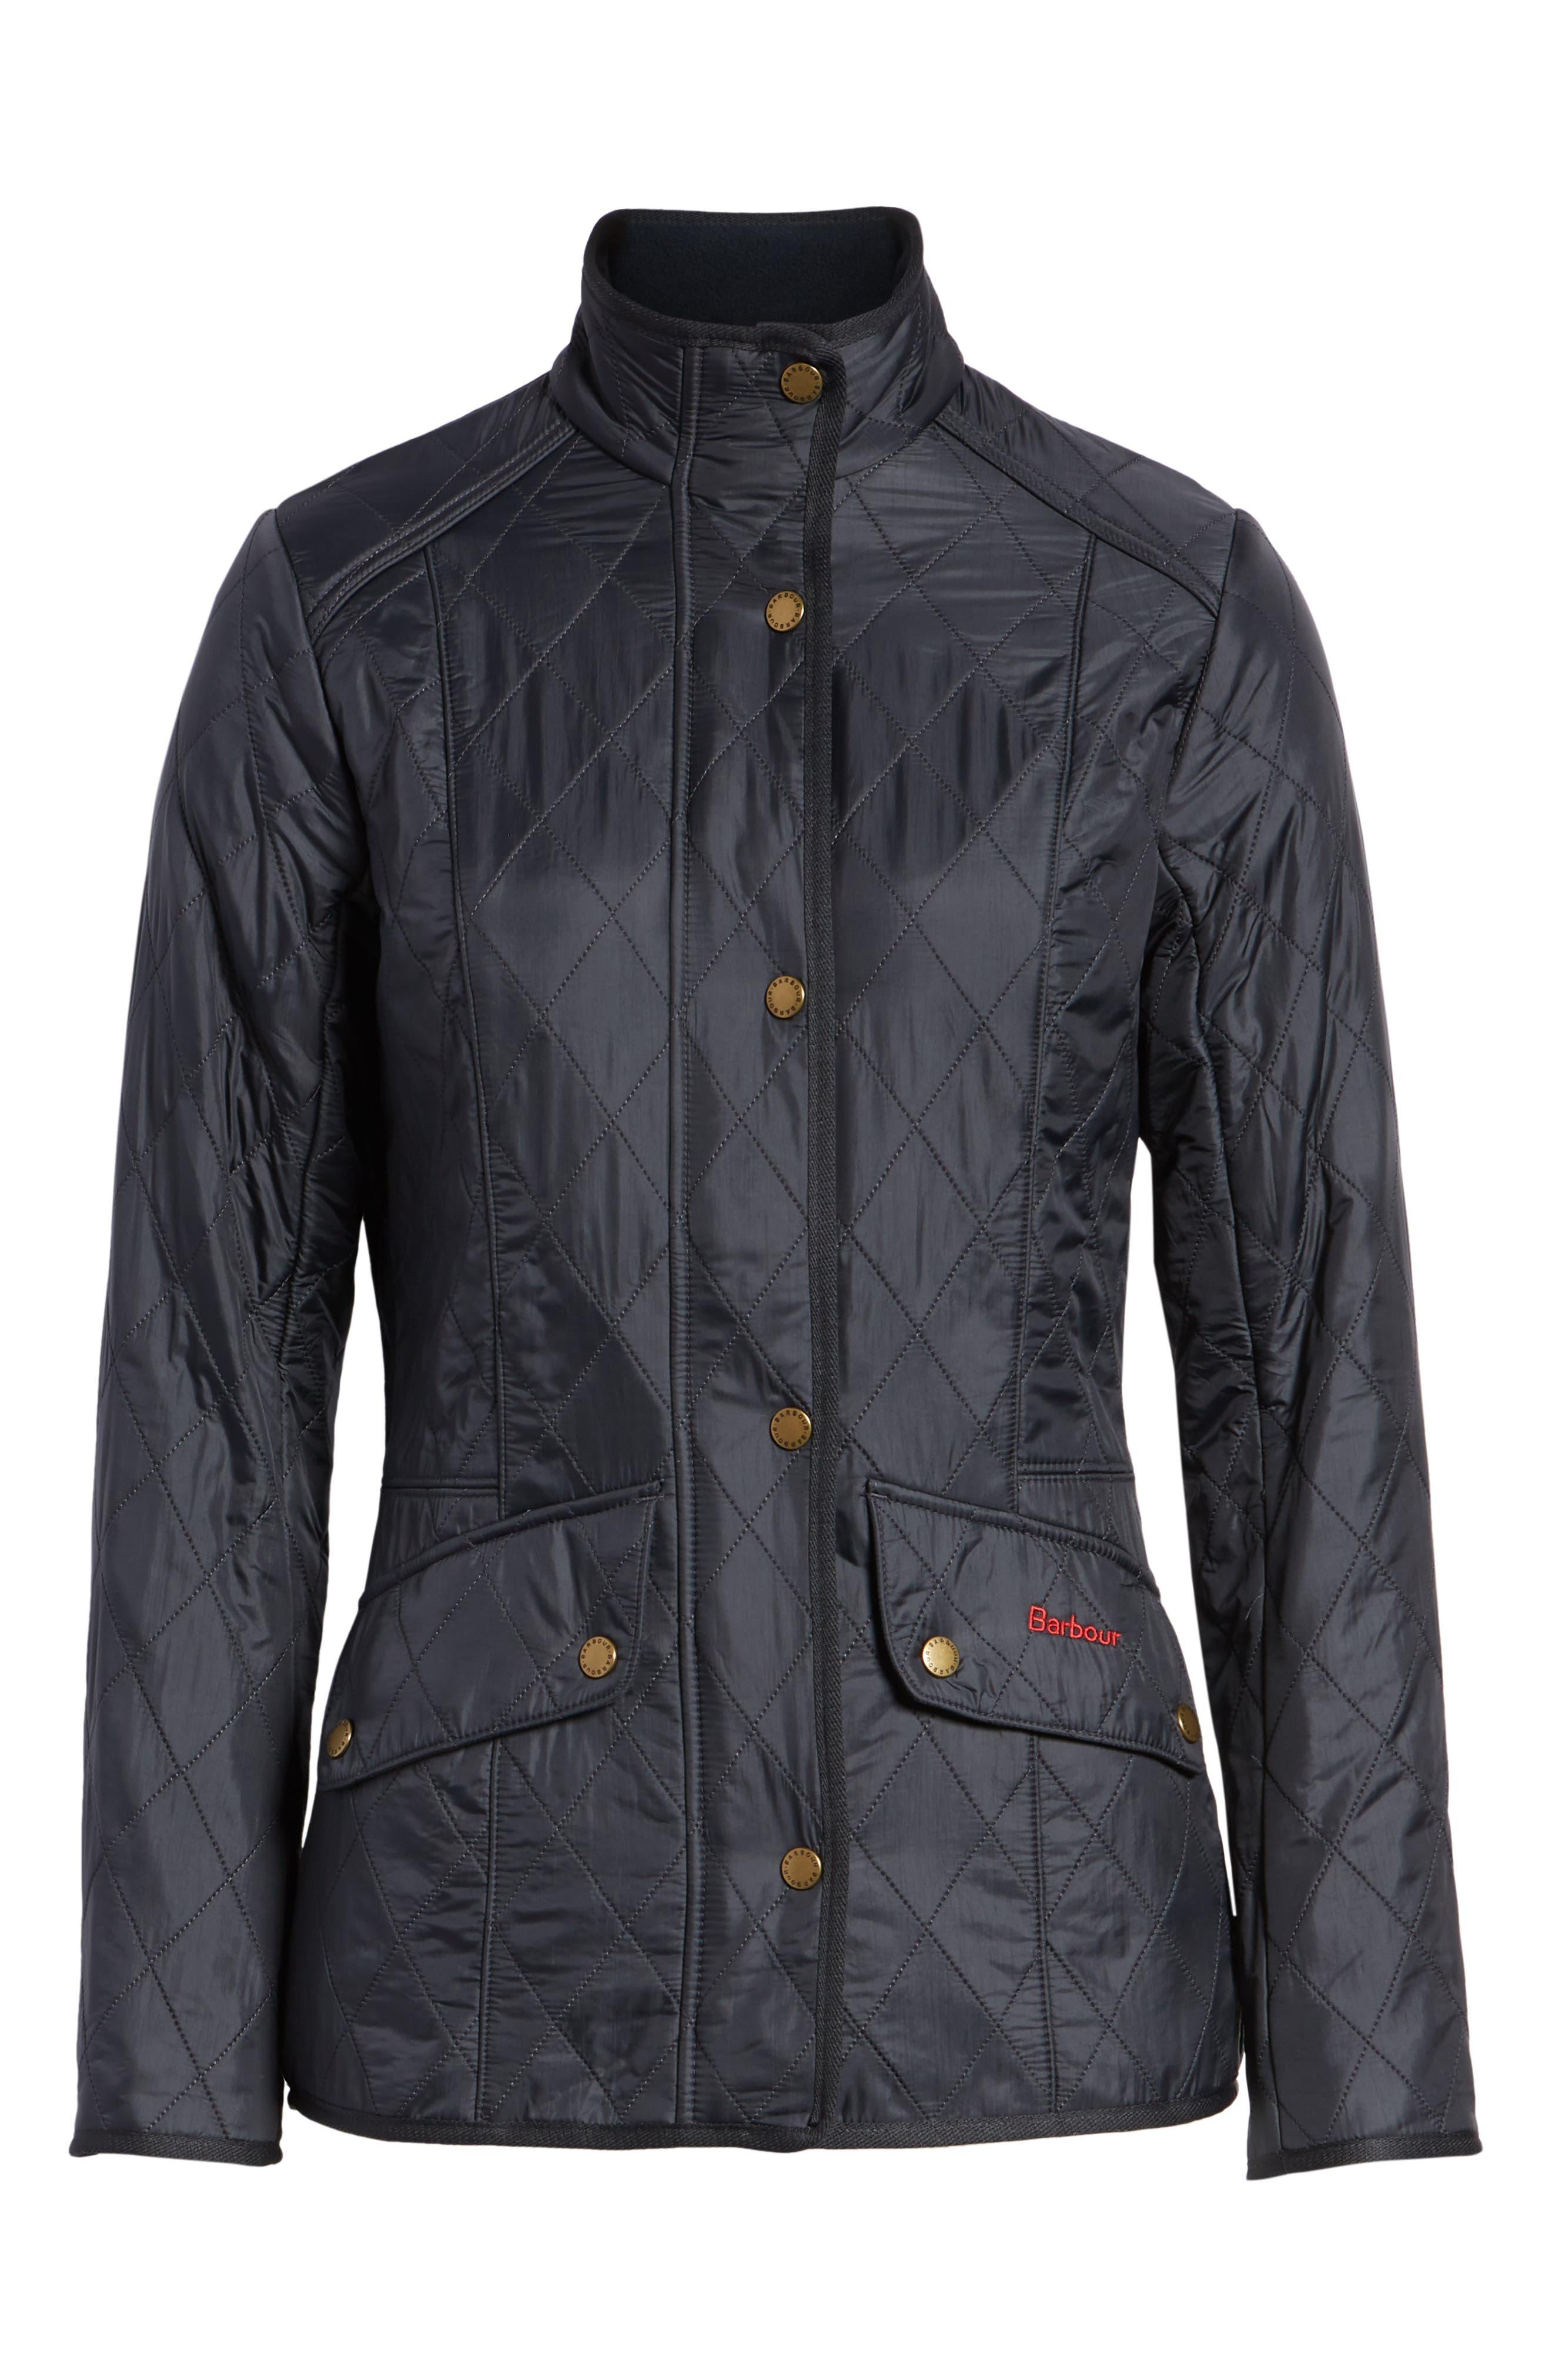 96a7f7cca68d7 Women's Coats & Jackets | Nordstrom